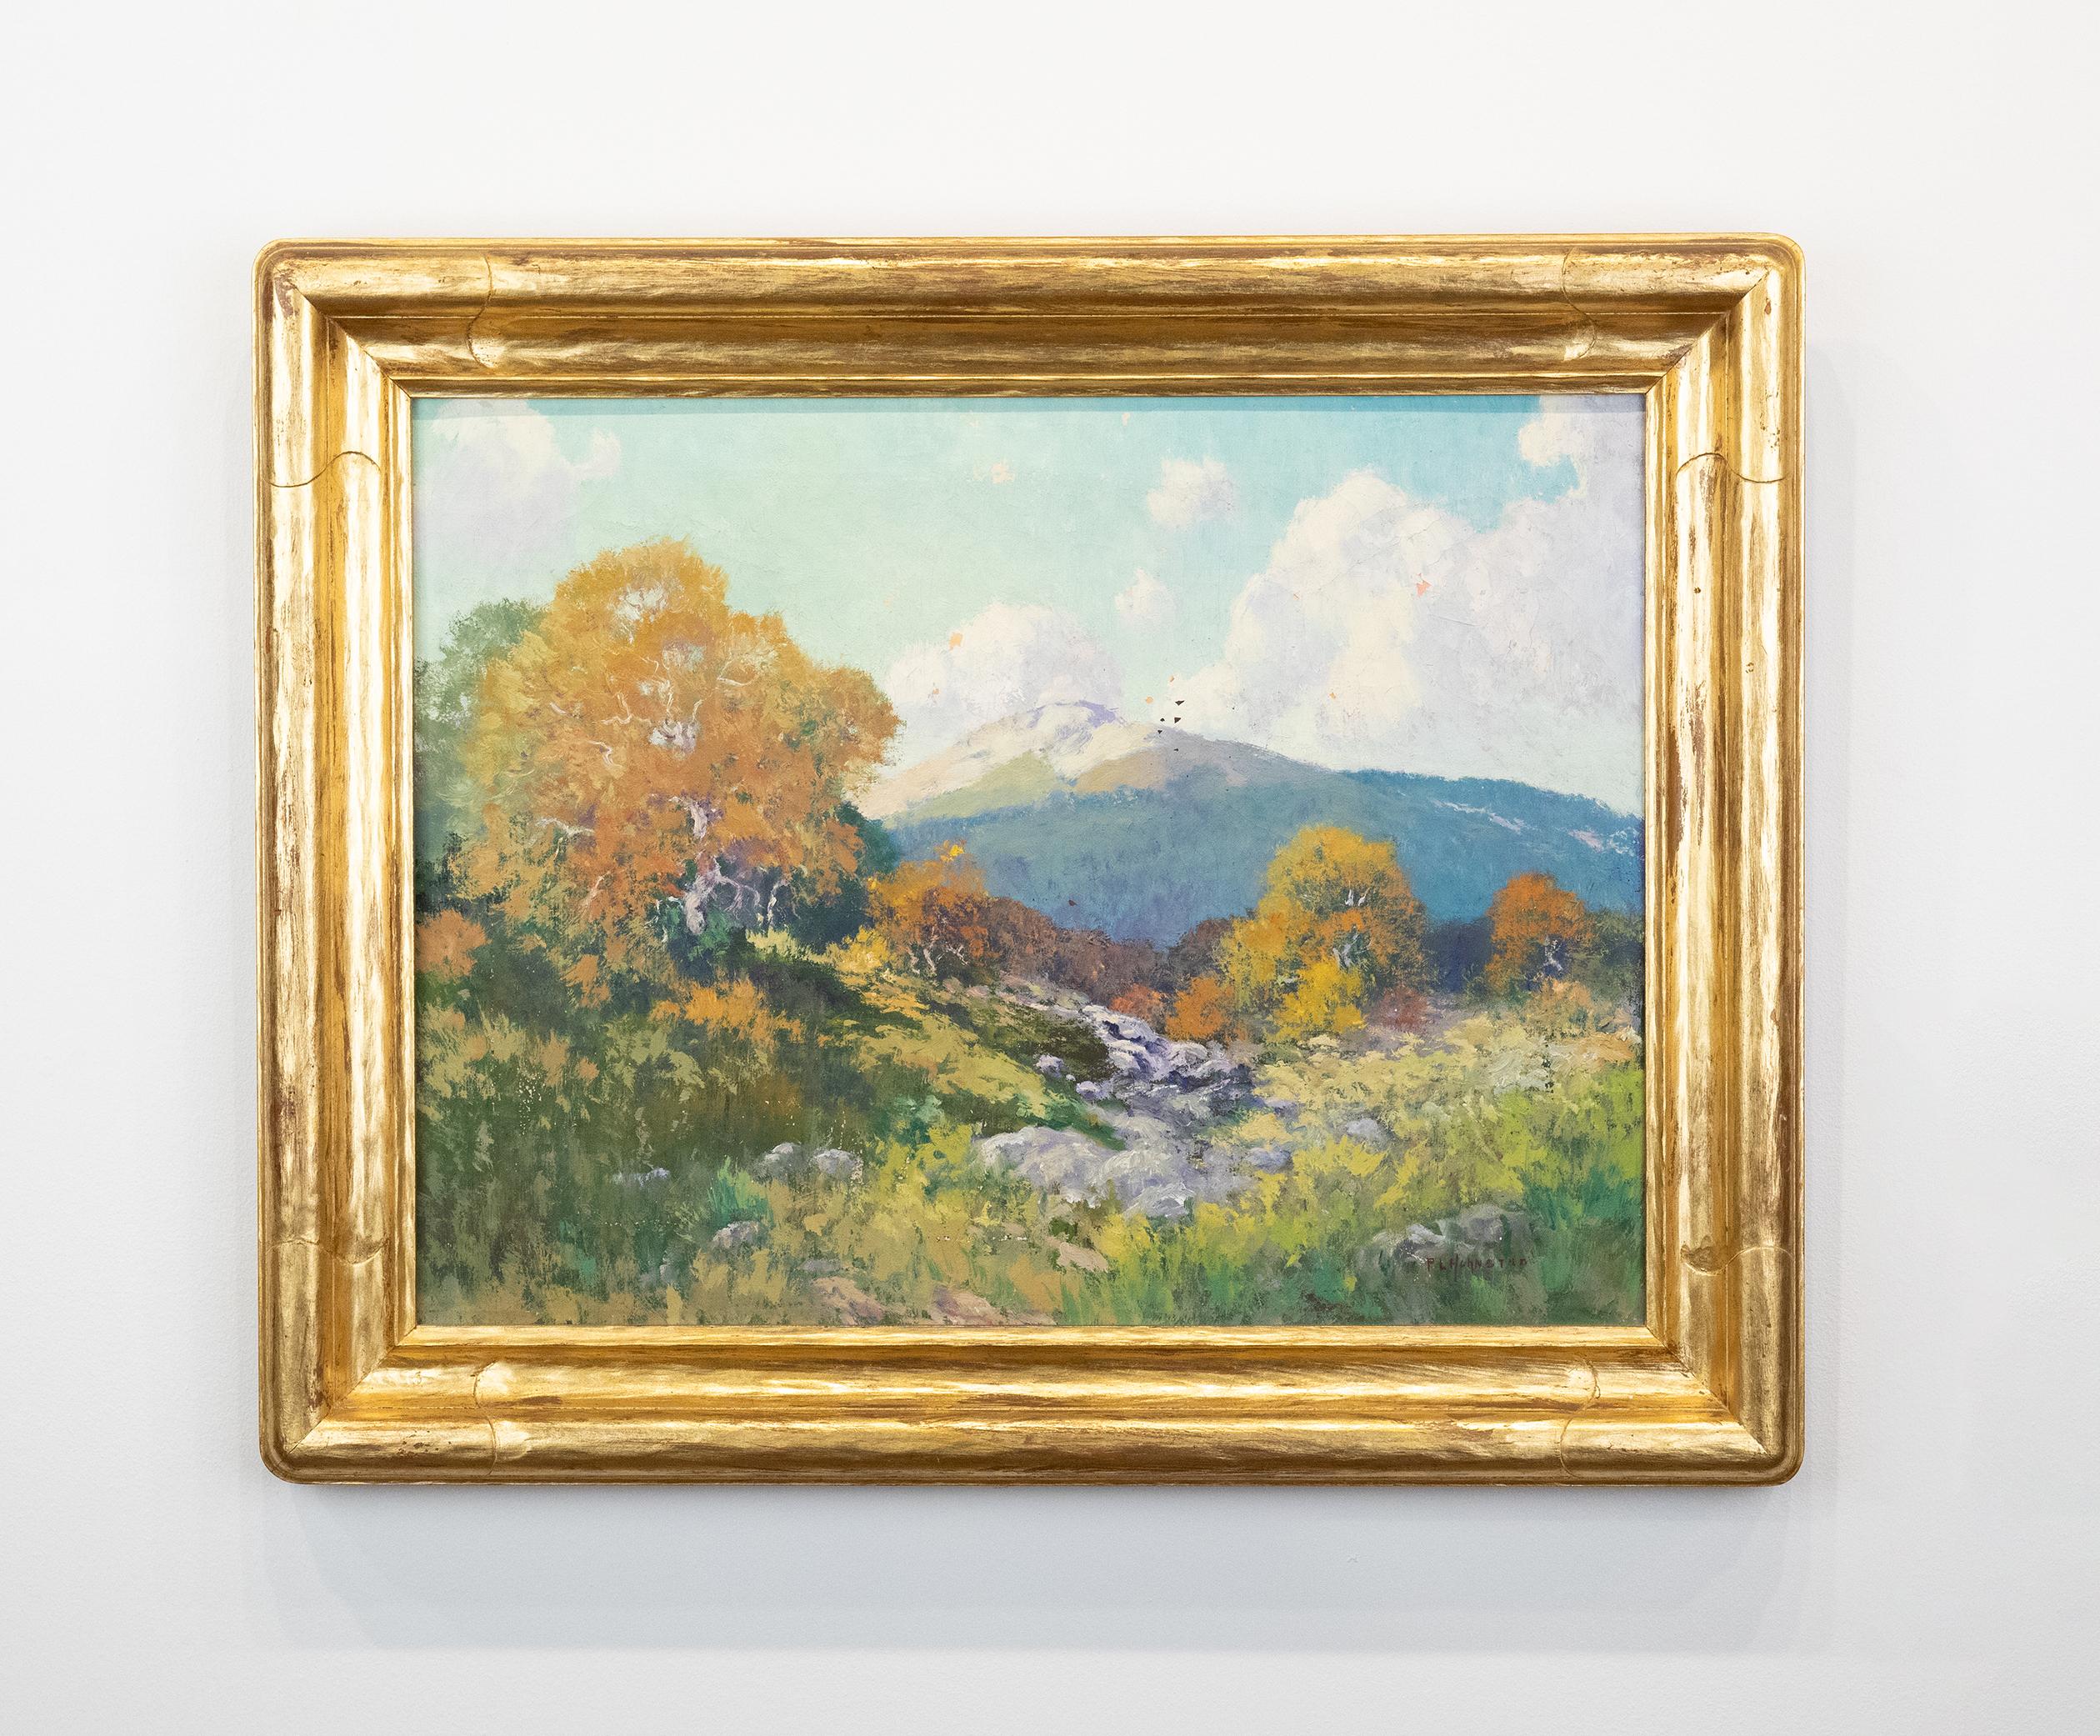 Peter Lanz Hohnstedt, Untitled Landscape